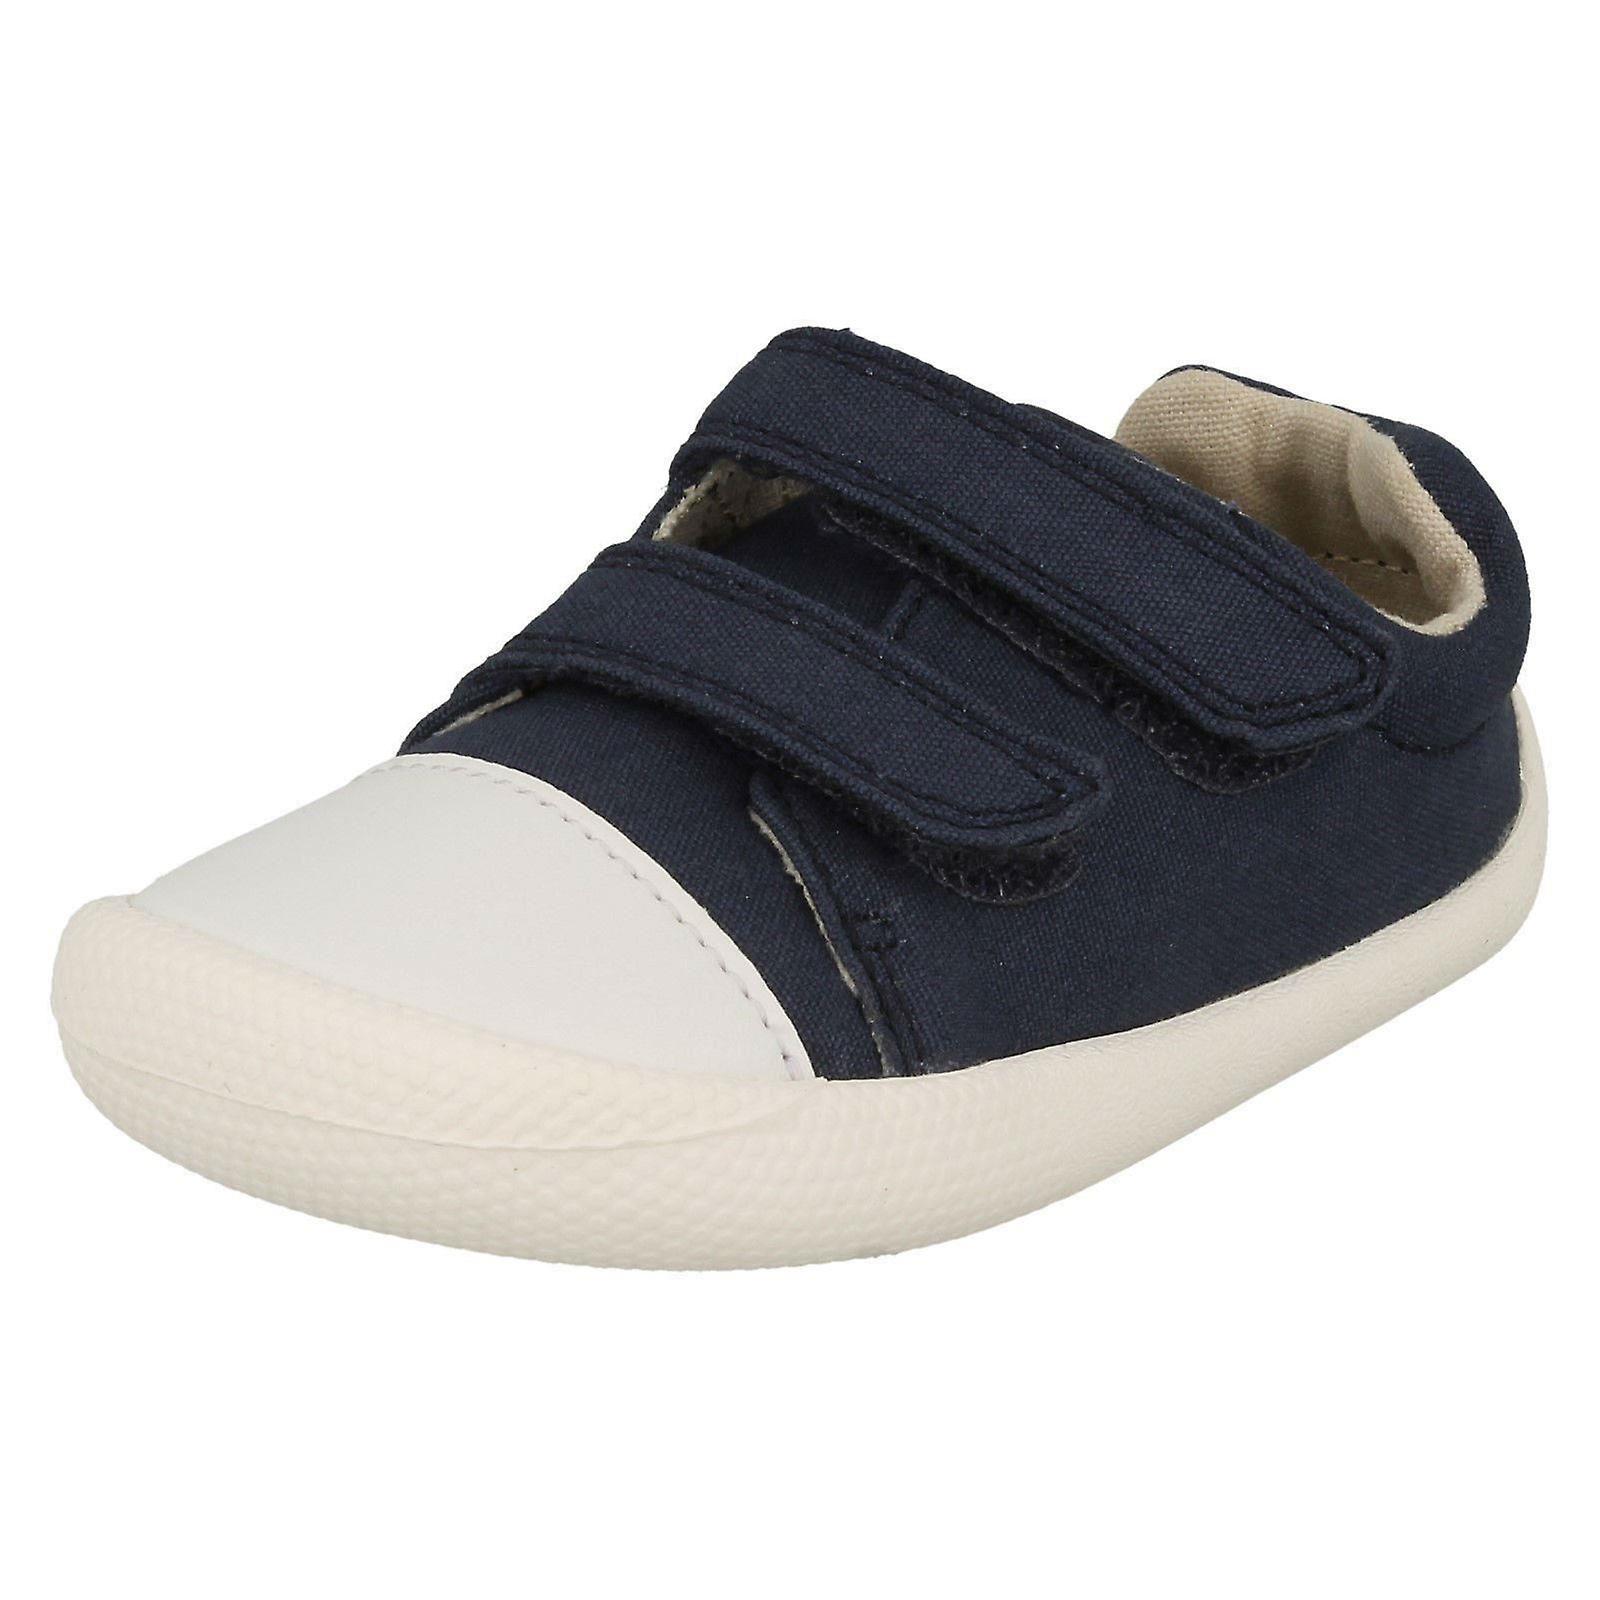 Ragazzi Clarks scarpe completo Casual piccoli ciottoli | Cheap  | Uomini/Donna Scarpa